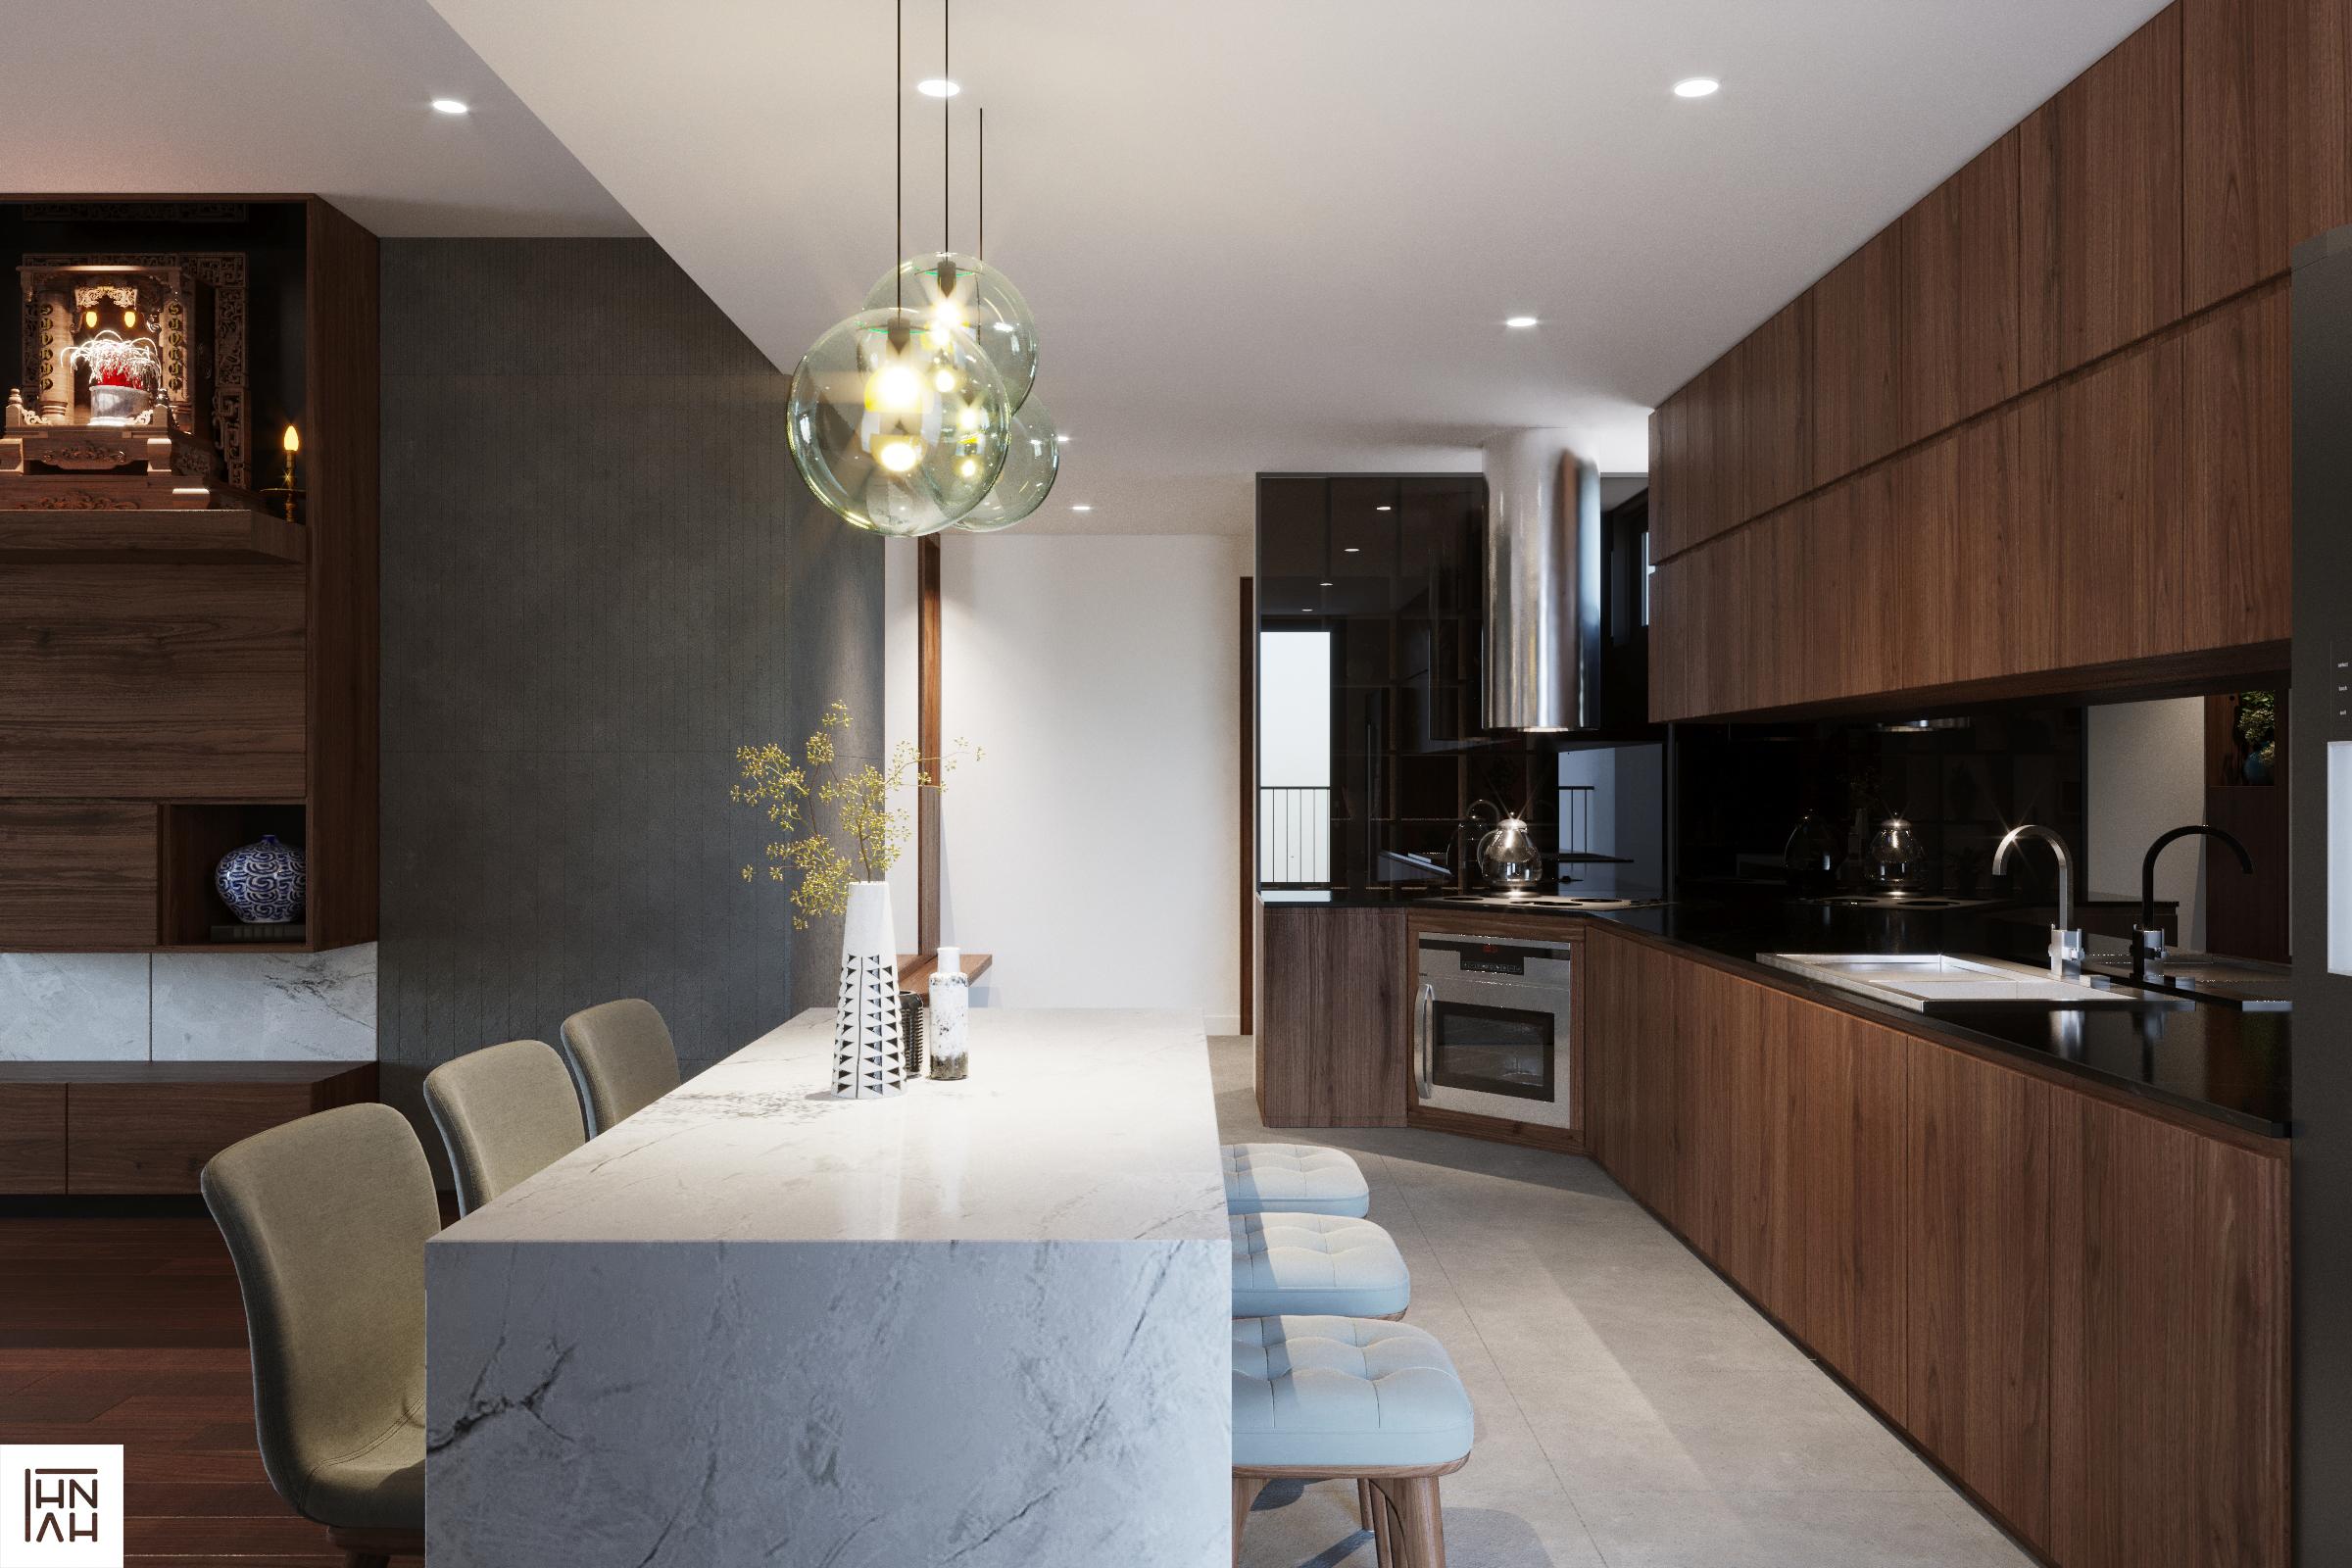 thiết kế nội thất chung cư tại Hà Nội Cuc. Apartment 6 1566896400